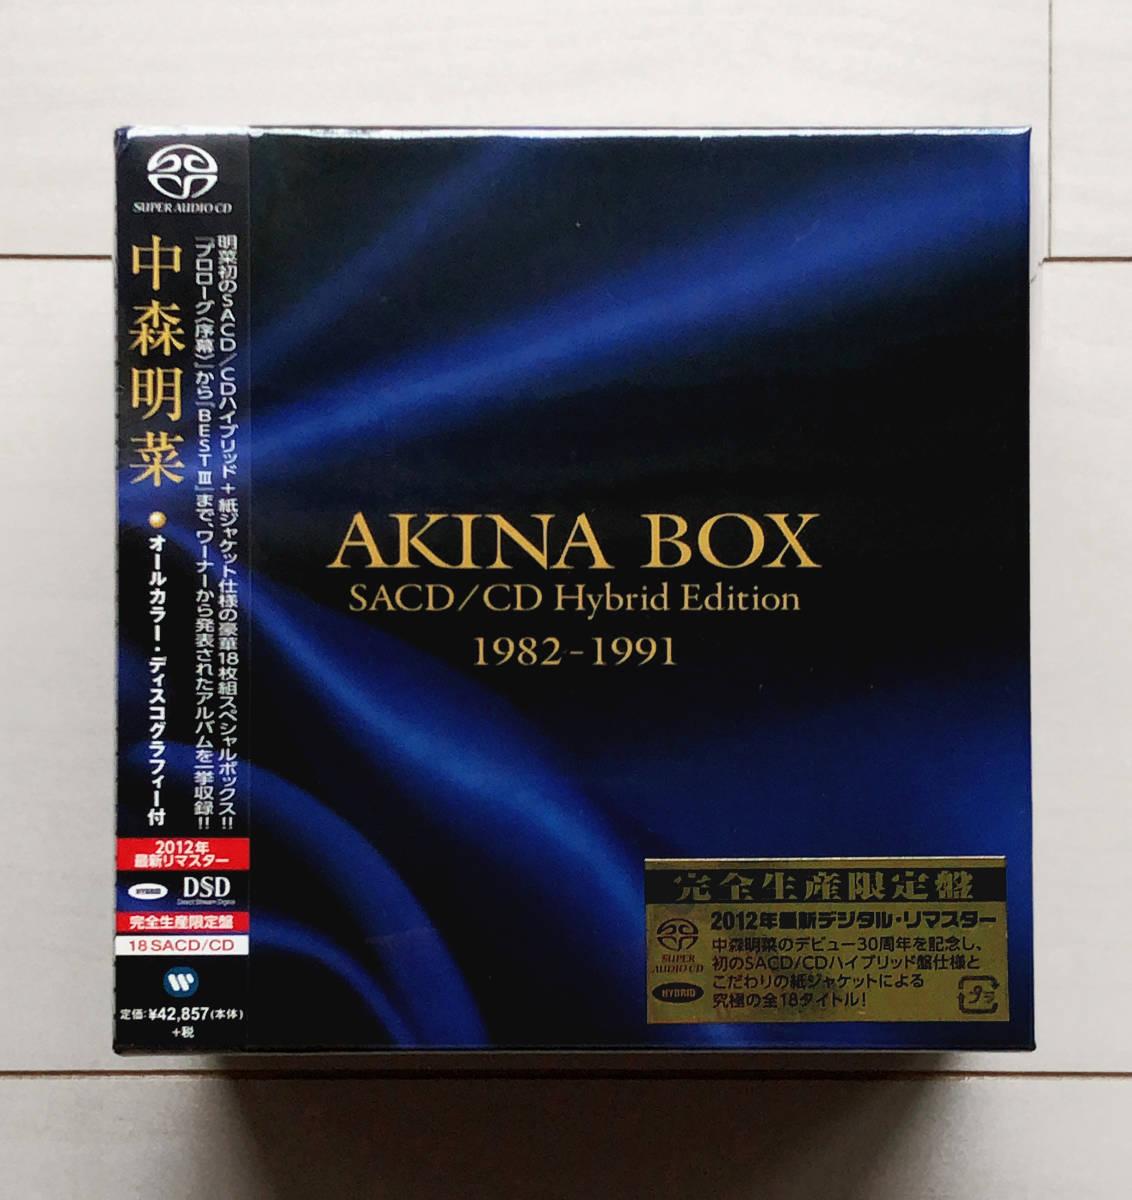 ◆新品未開封◆完全生産限定盤◆紙ジャケット◆AKINA BOX SACD/CD Hybrid Edition 1982-1991◆30周年記念◆紙ジャケ◆中森明菜◆ボックス_画像1